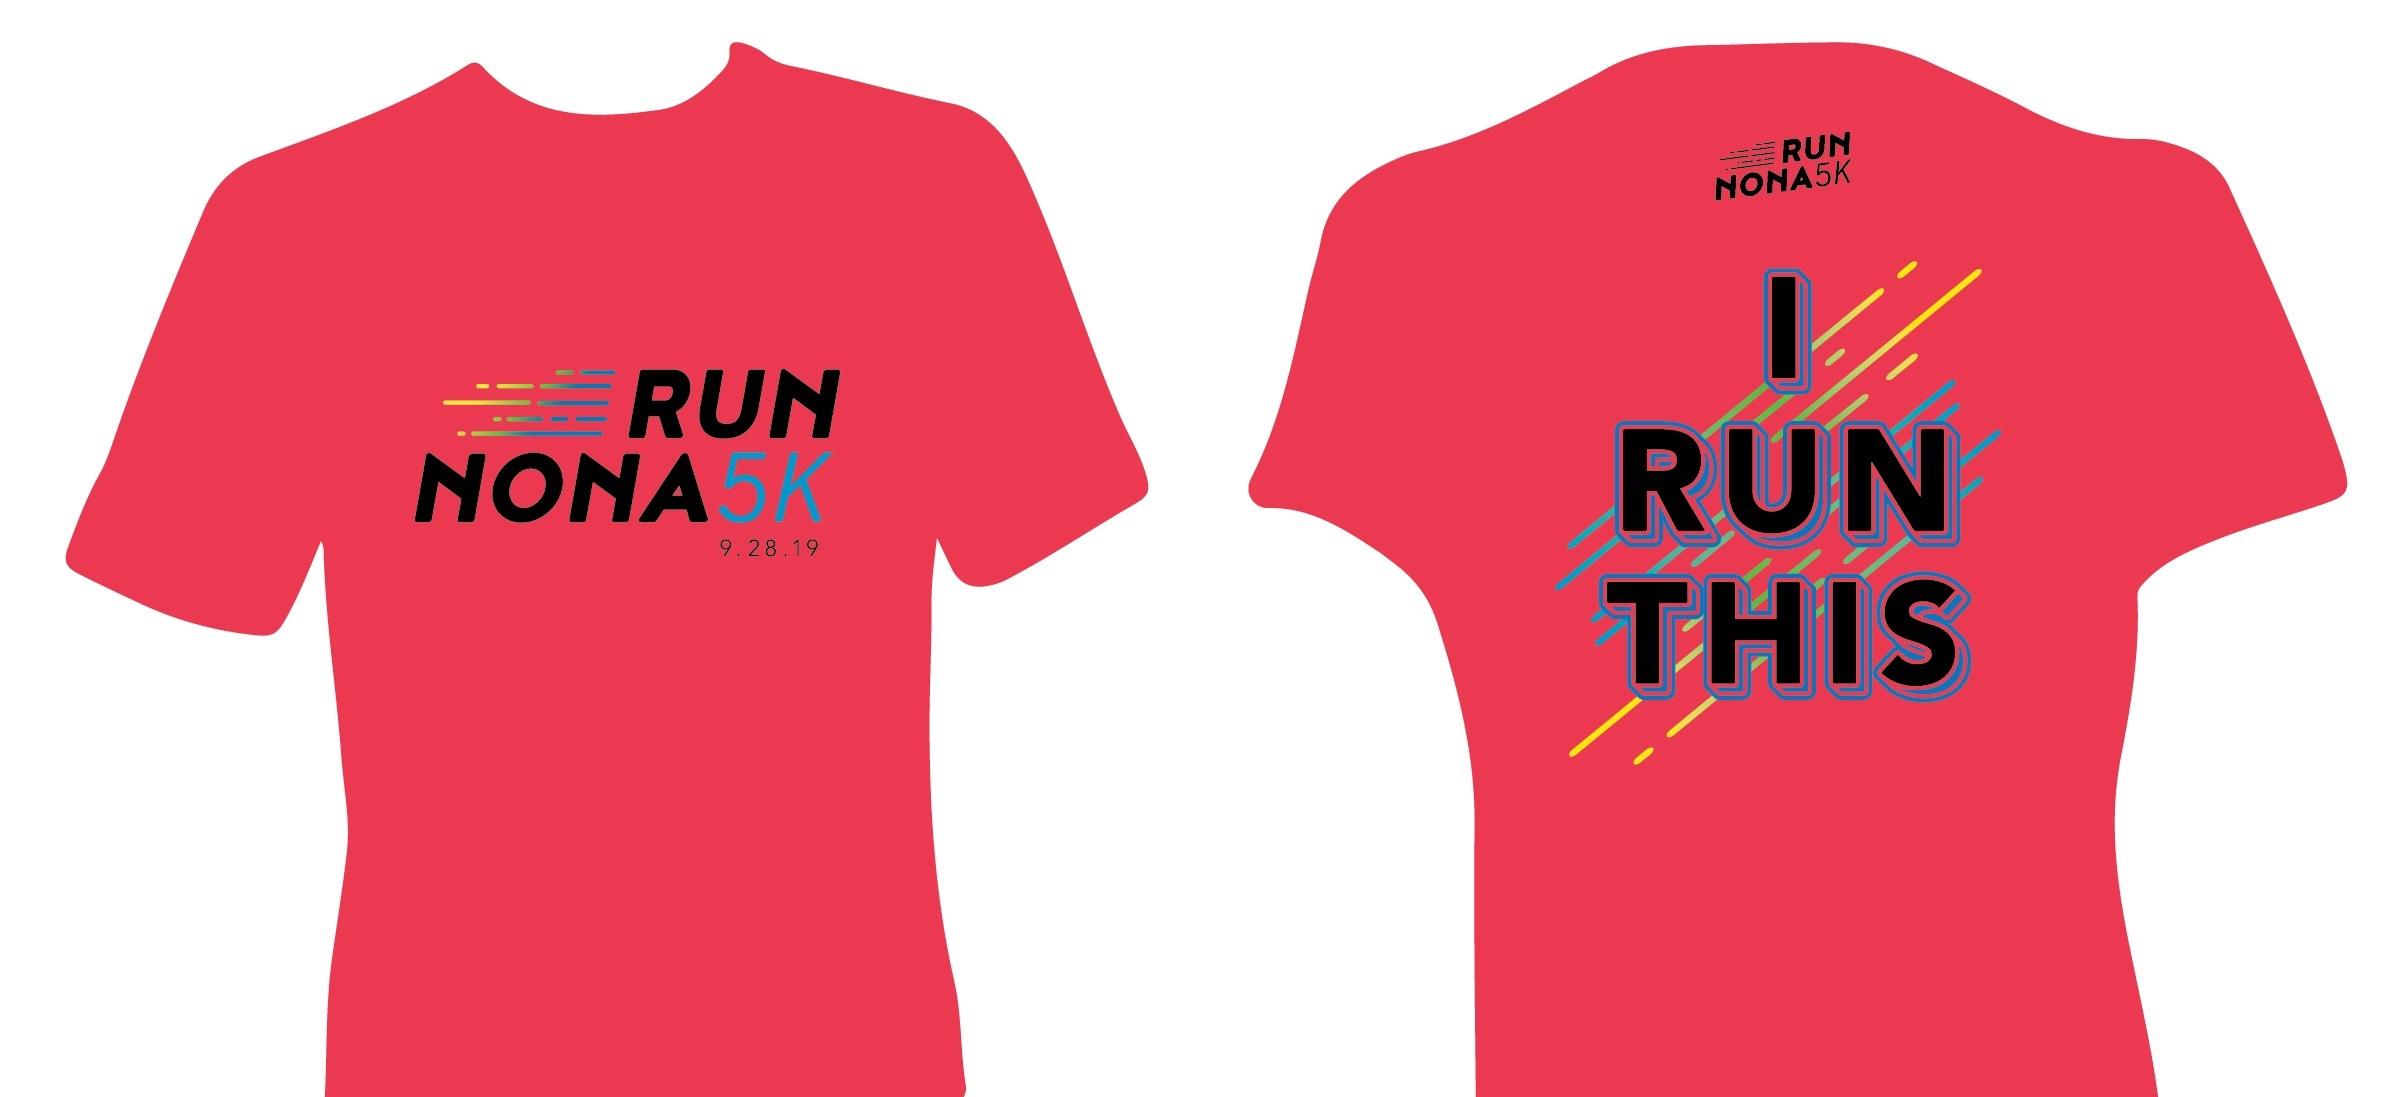 Run Nona 5k Shirt